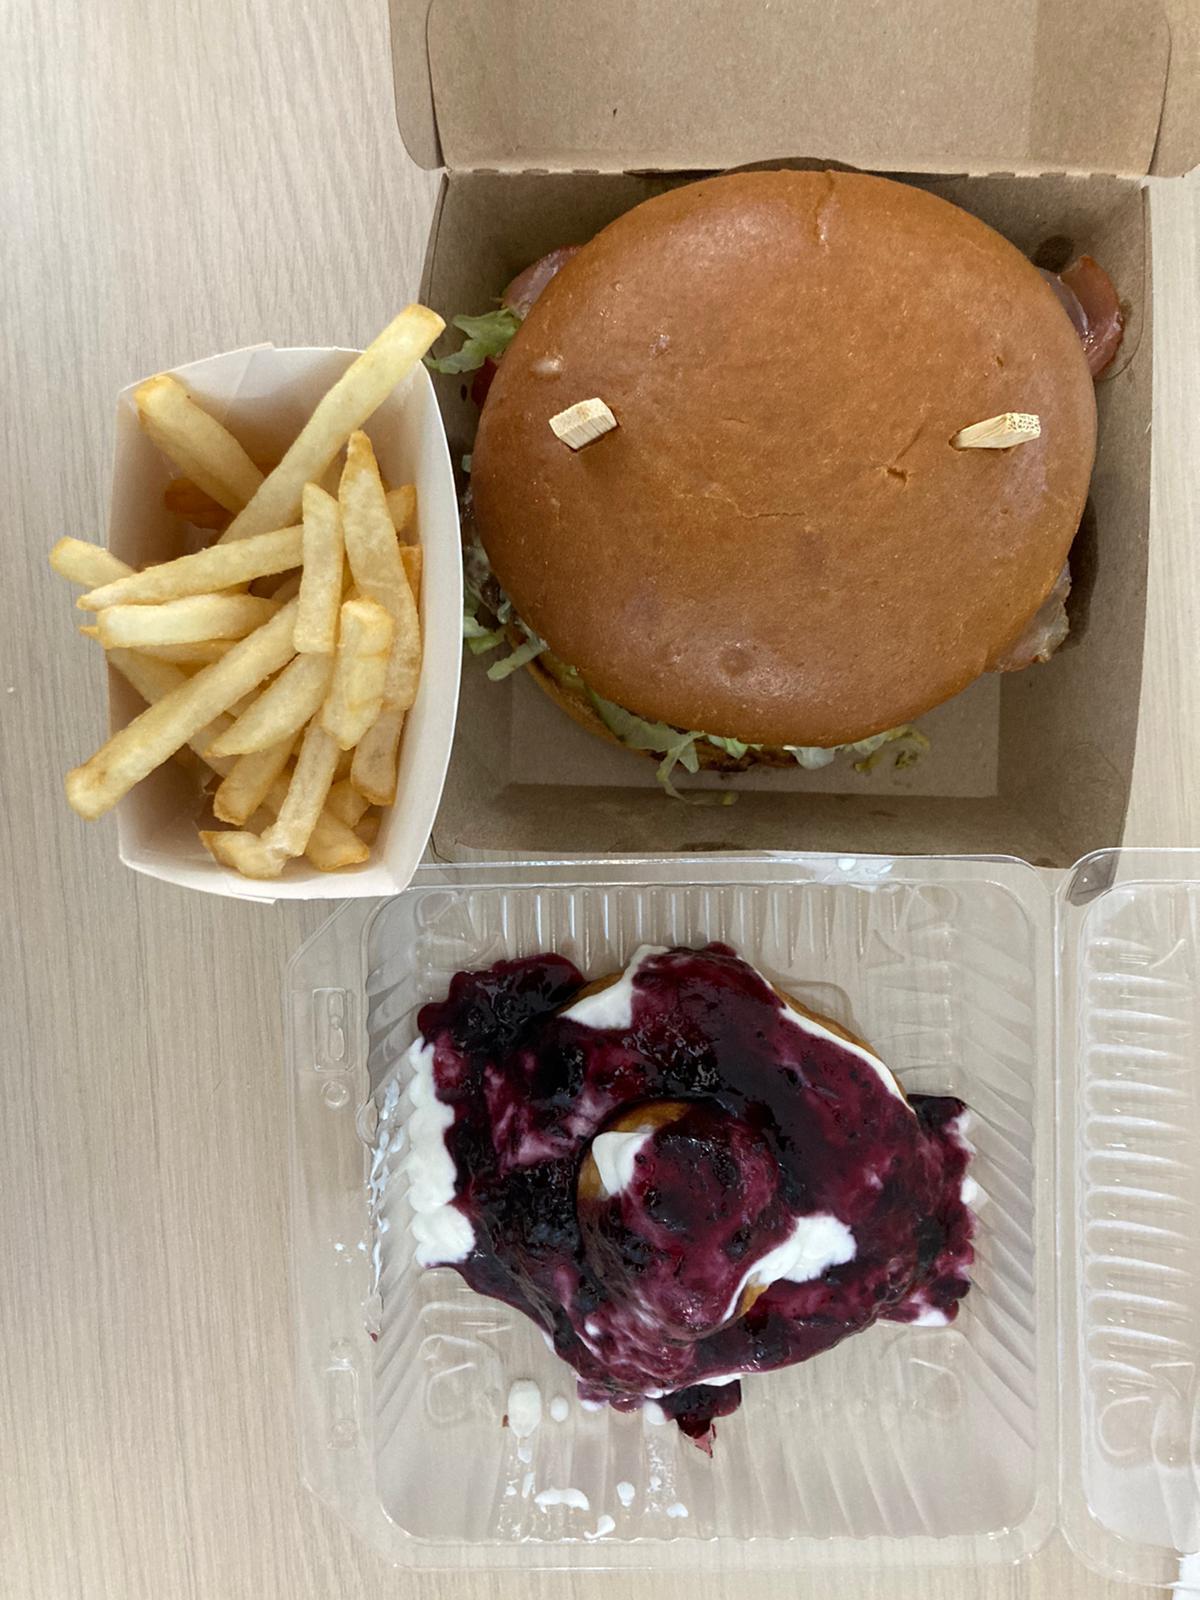 La Ruff Burger – nu are nimic special, dar nici toxiinfecție alimentară n-am făcut